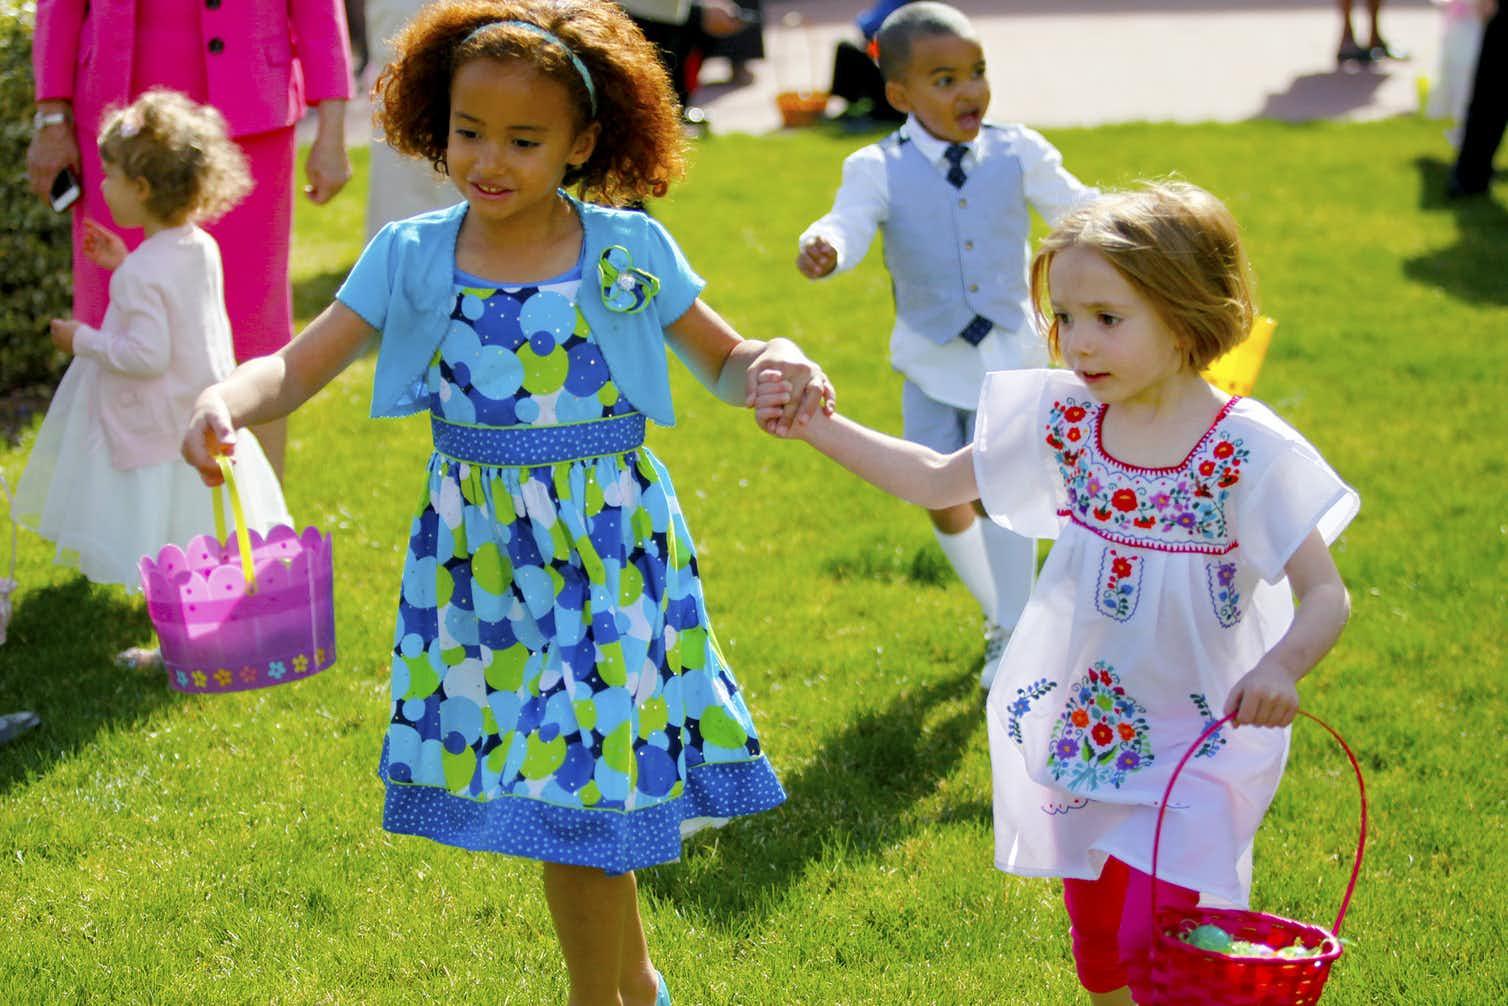 Photo of children on an Easter egg hunt